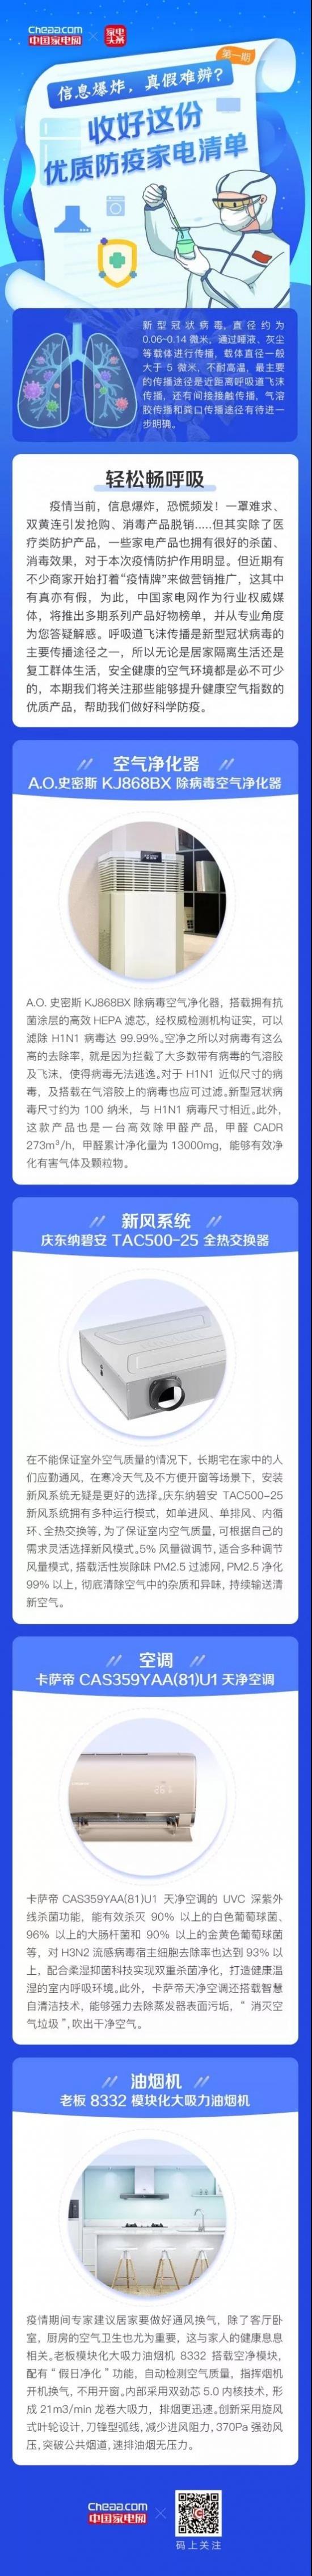 微信图片_20200312103417